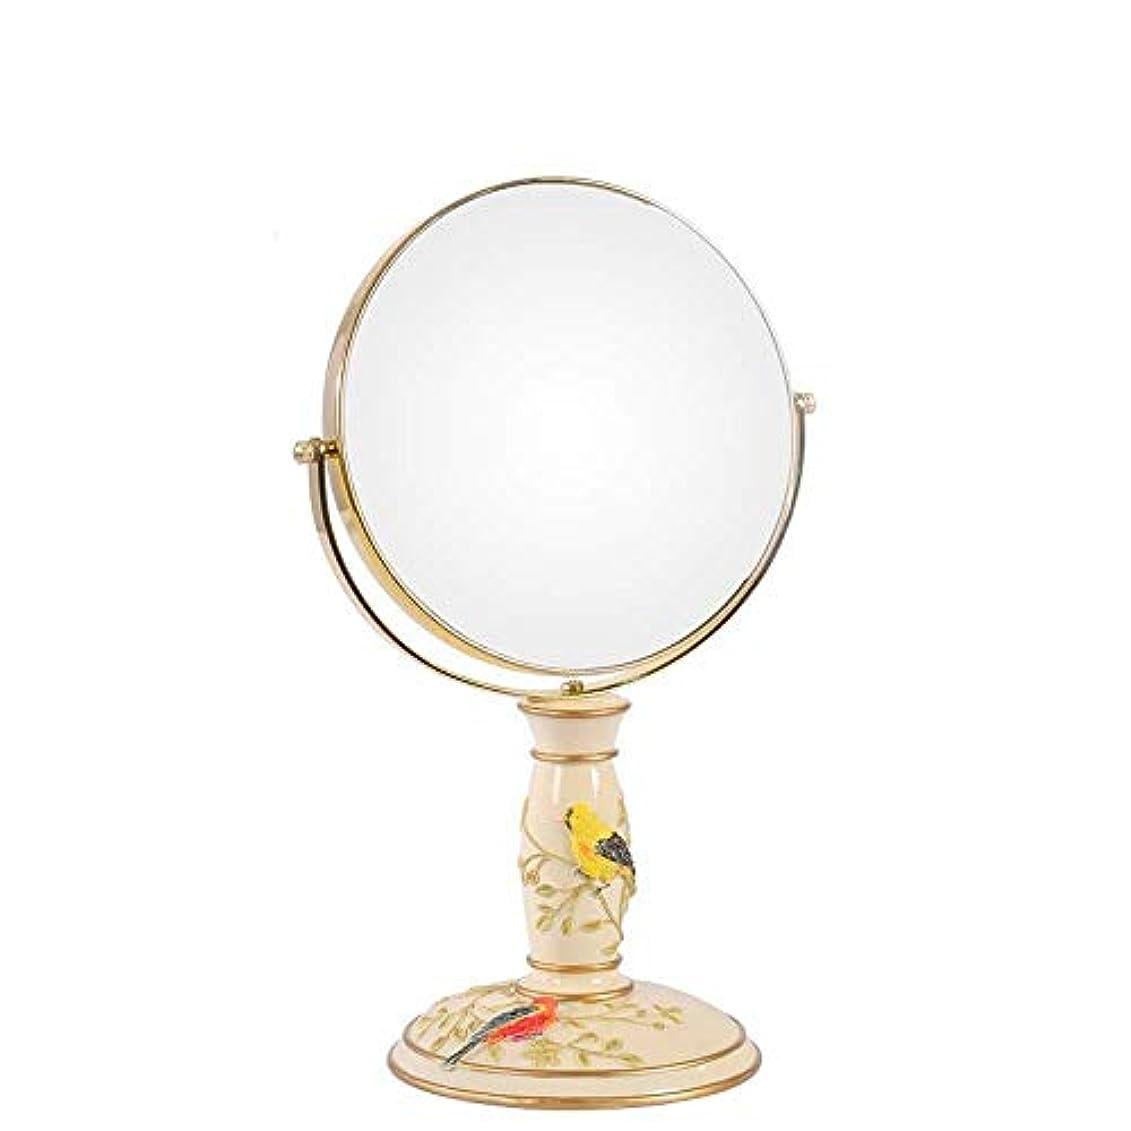 禁じるバルコニーピルファー流行の ビンテージ化粧鏡、鏡360°回転スタンド、倍率1倍、3倍、ラウンドダブル両面回転化粧鏡